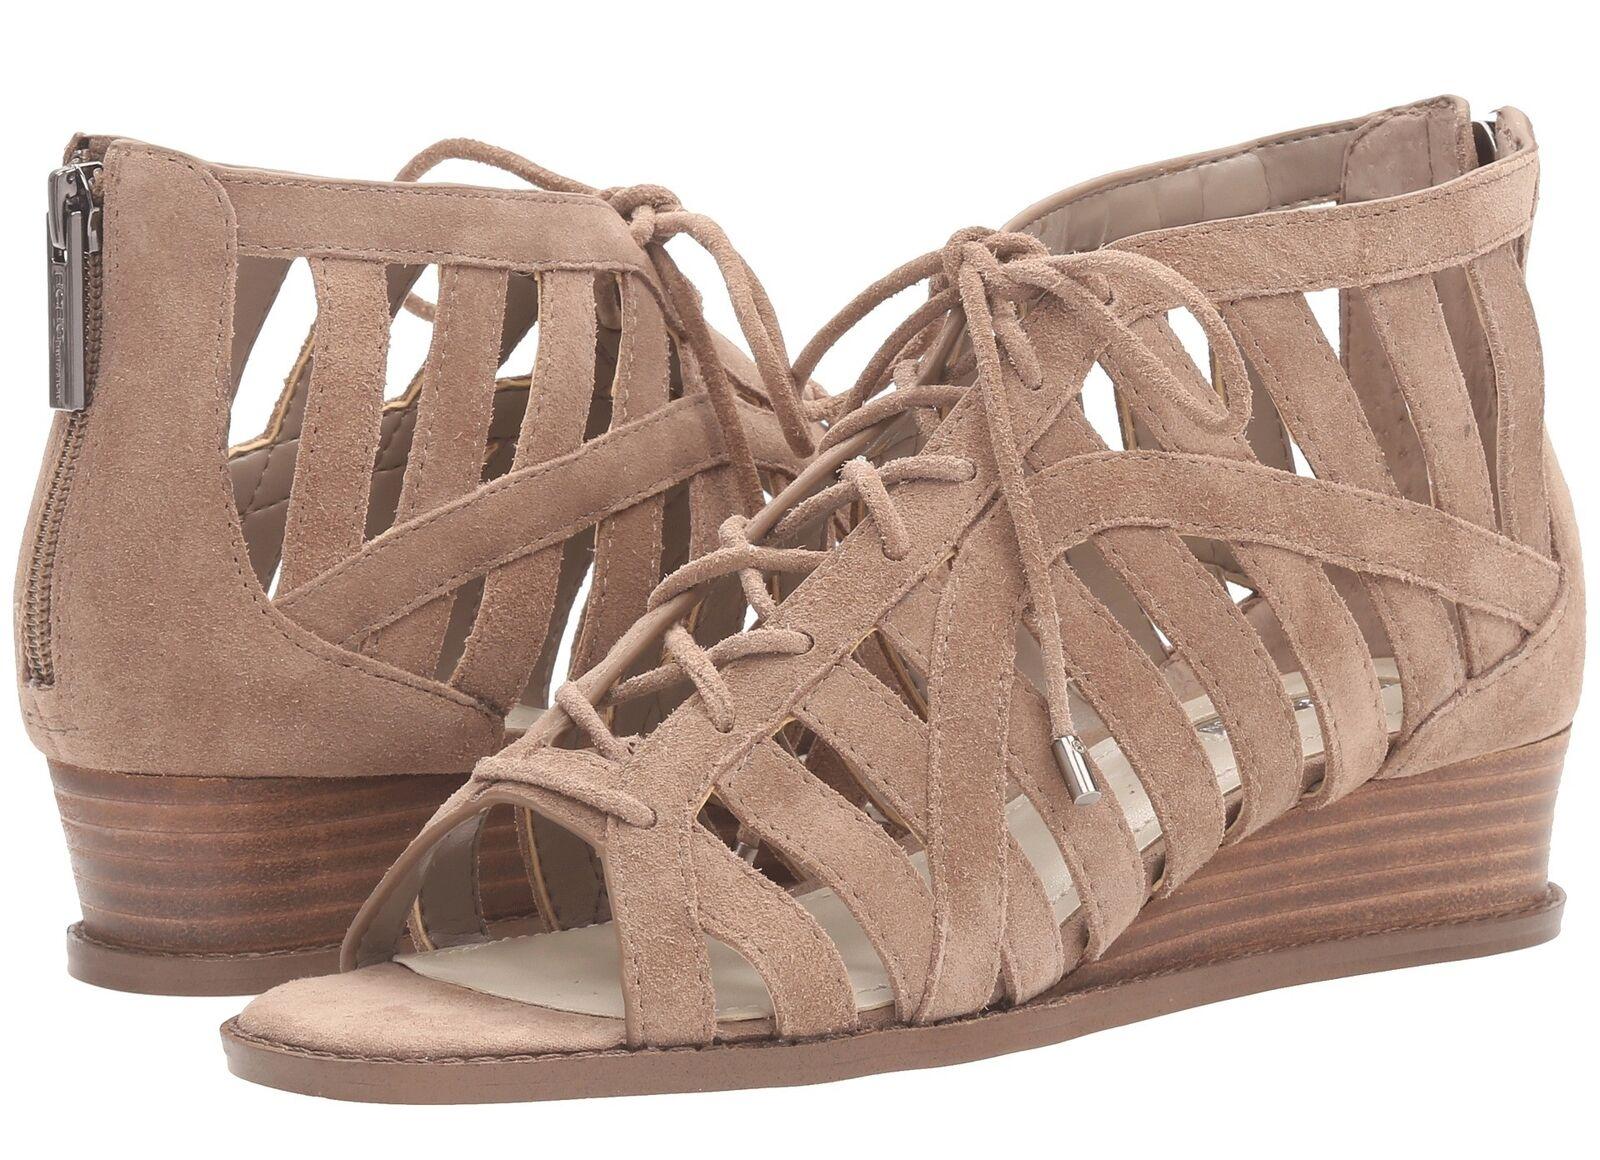 BCBGeneration Womens 'Madeya' Dark Beige Suede Wedge Sandals Sz 6.5 M - 231790